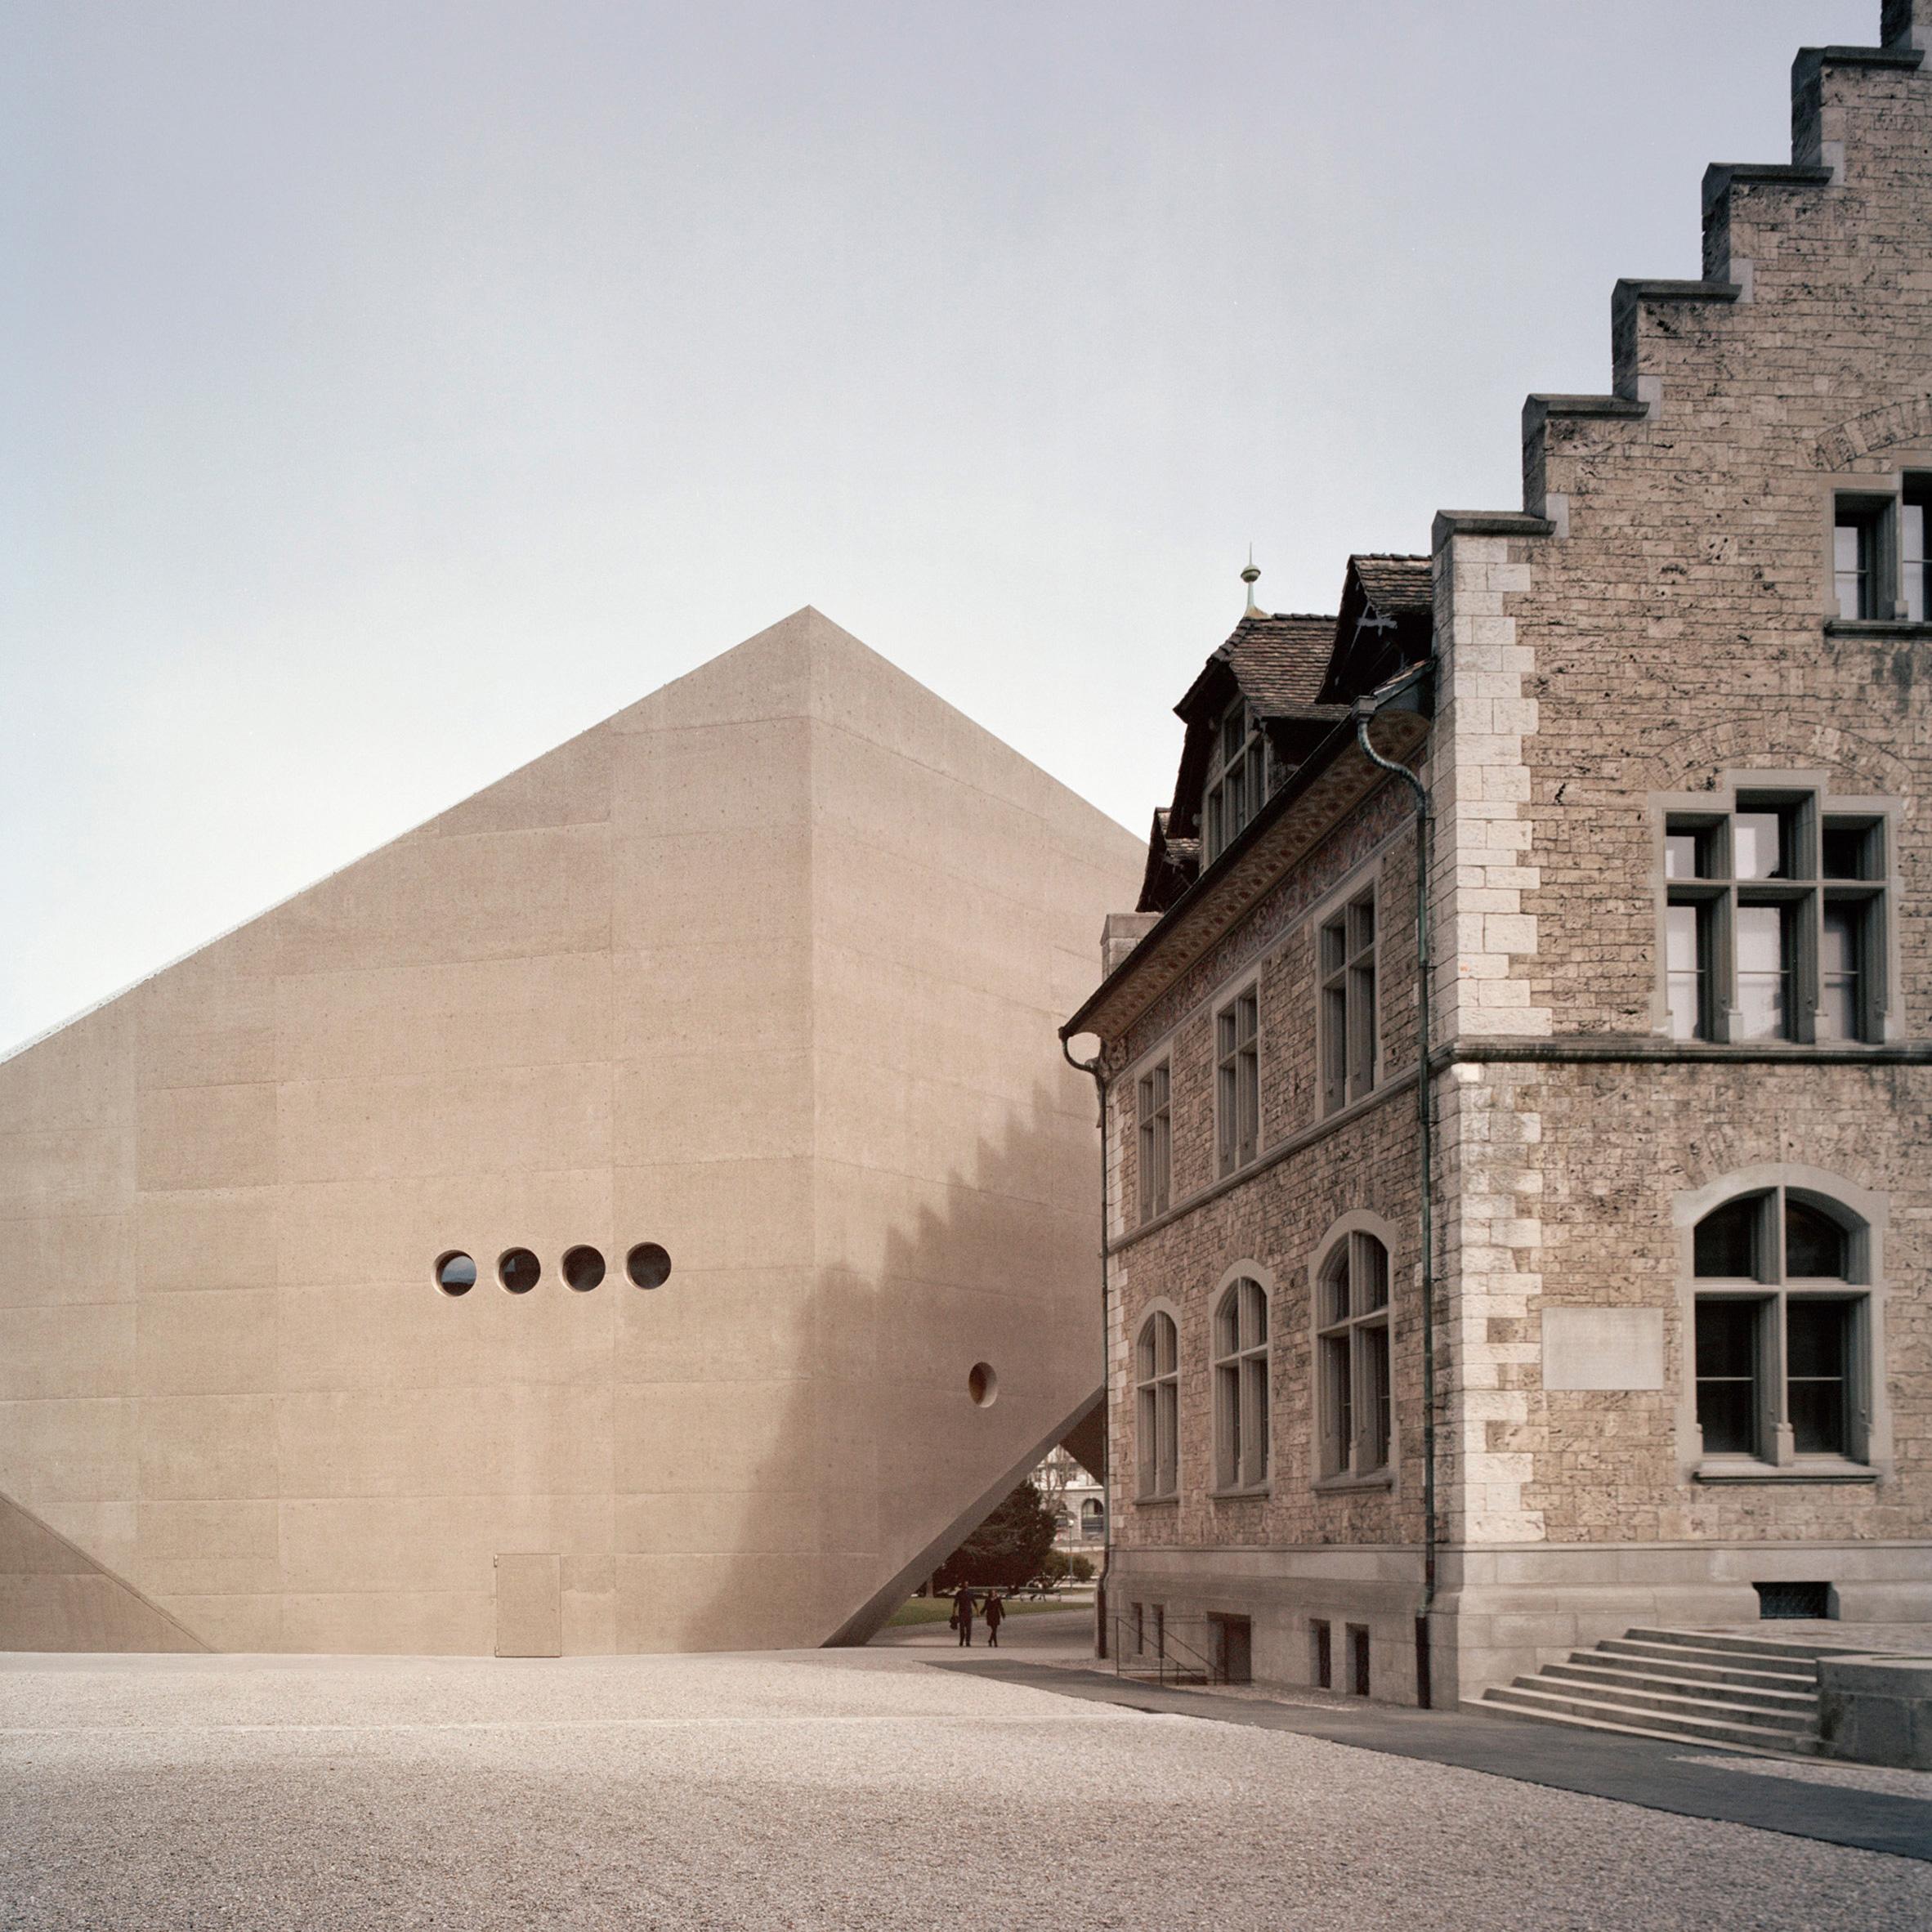 National Museum Zurich extension by Christ & Gantenbein, Zurich, Switzerland